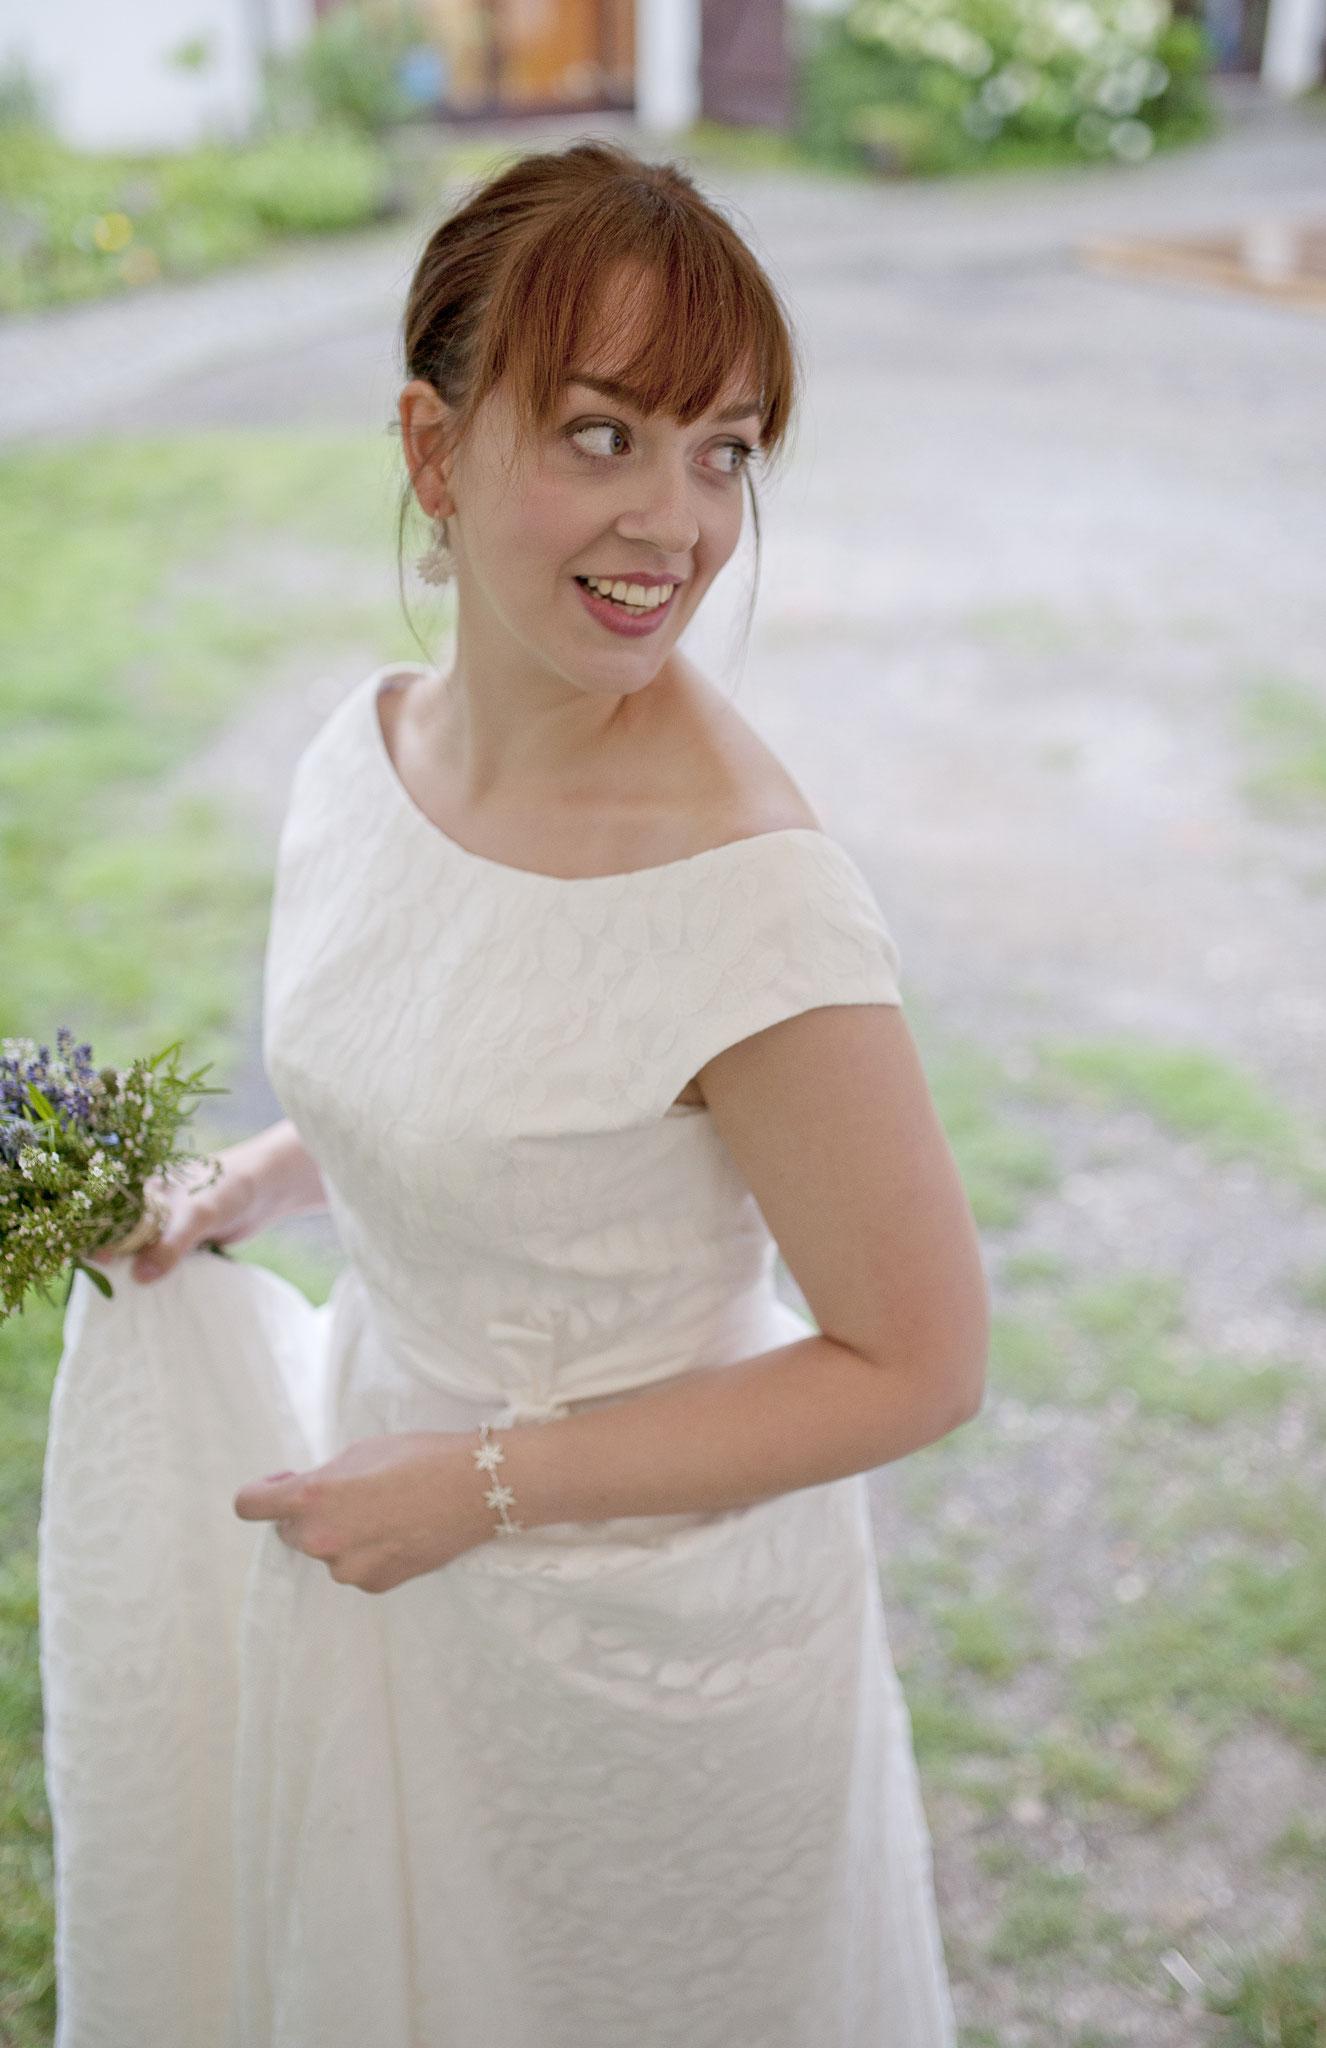 """Vintage Brautkleid mit Spitze """"Sonnentochter"""" Bild: Daniela Müller"""